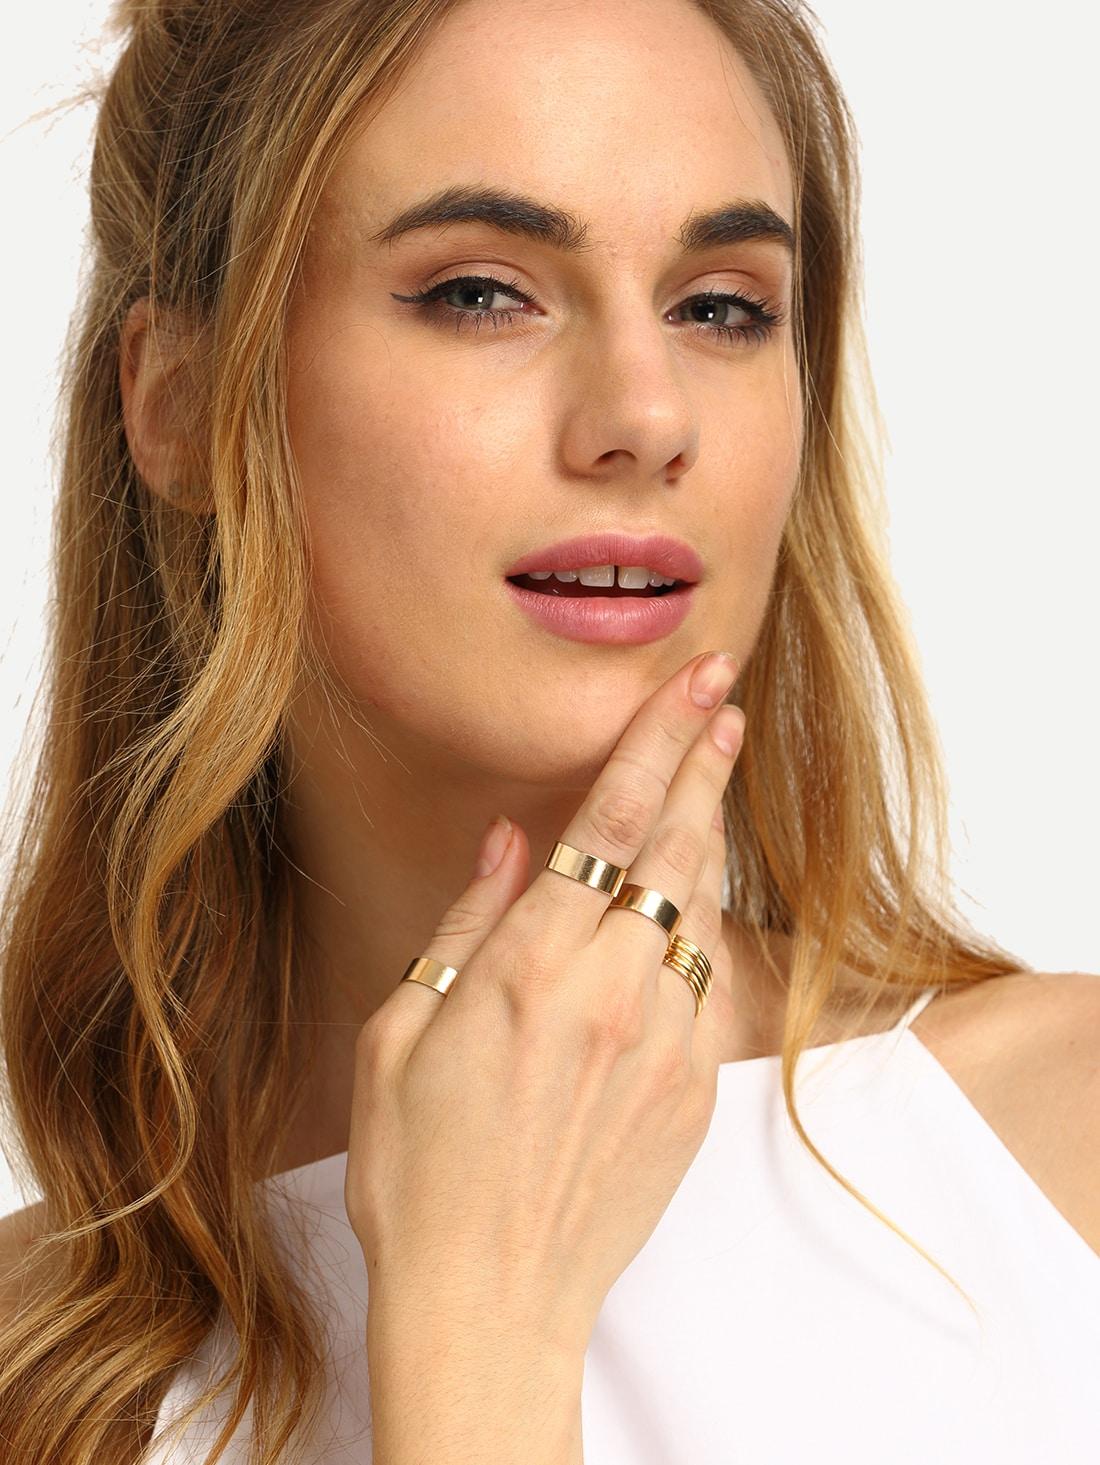 Золотой гладкий металлическое кольцо набор - 9 шт